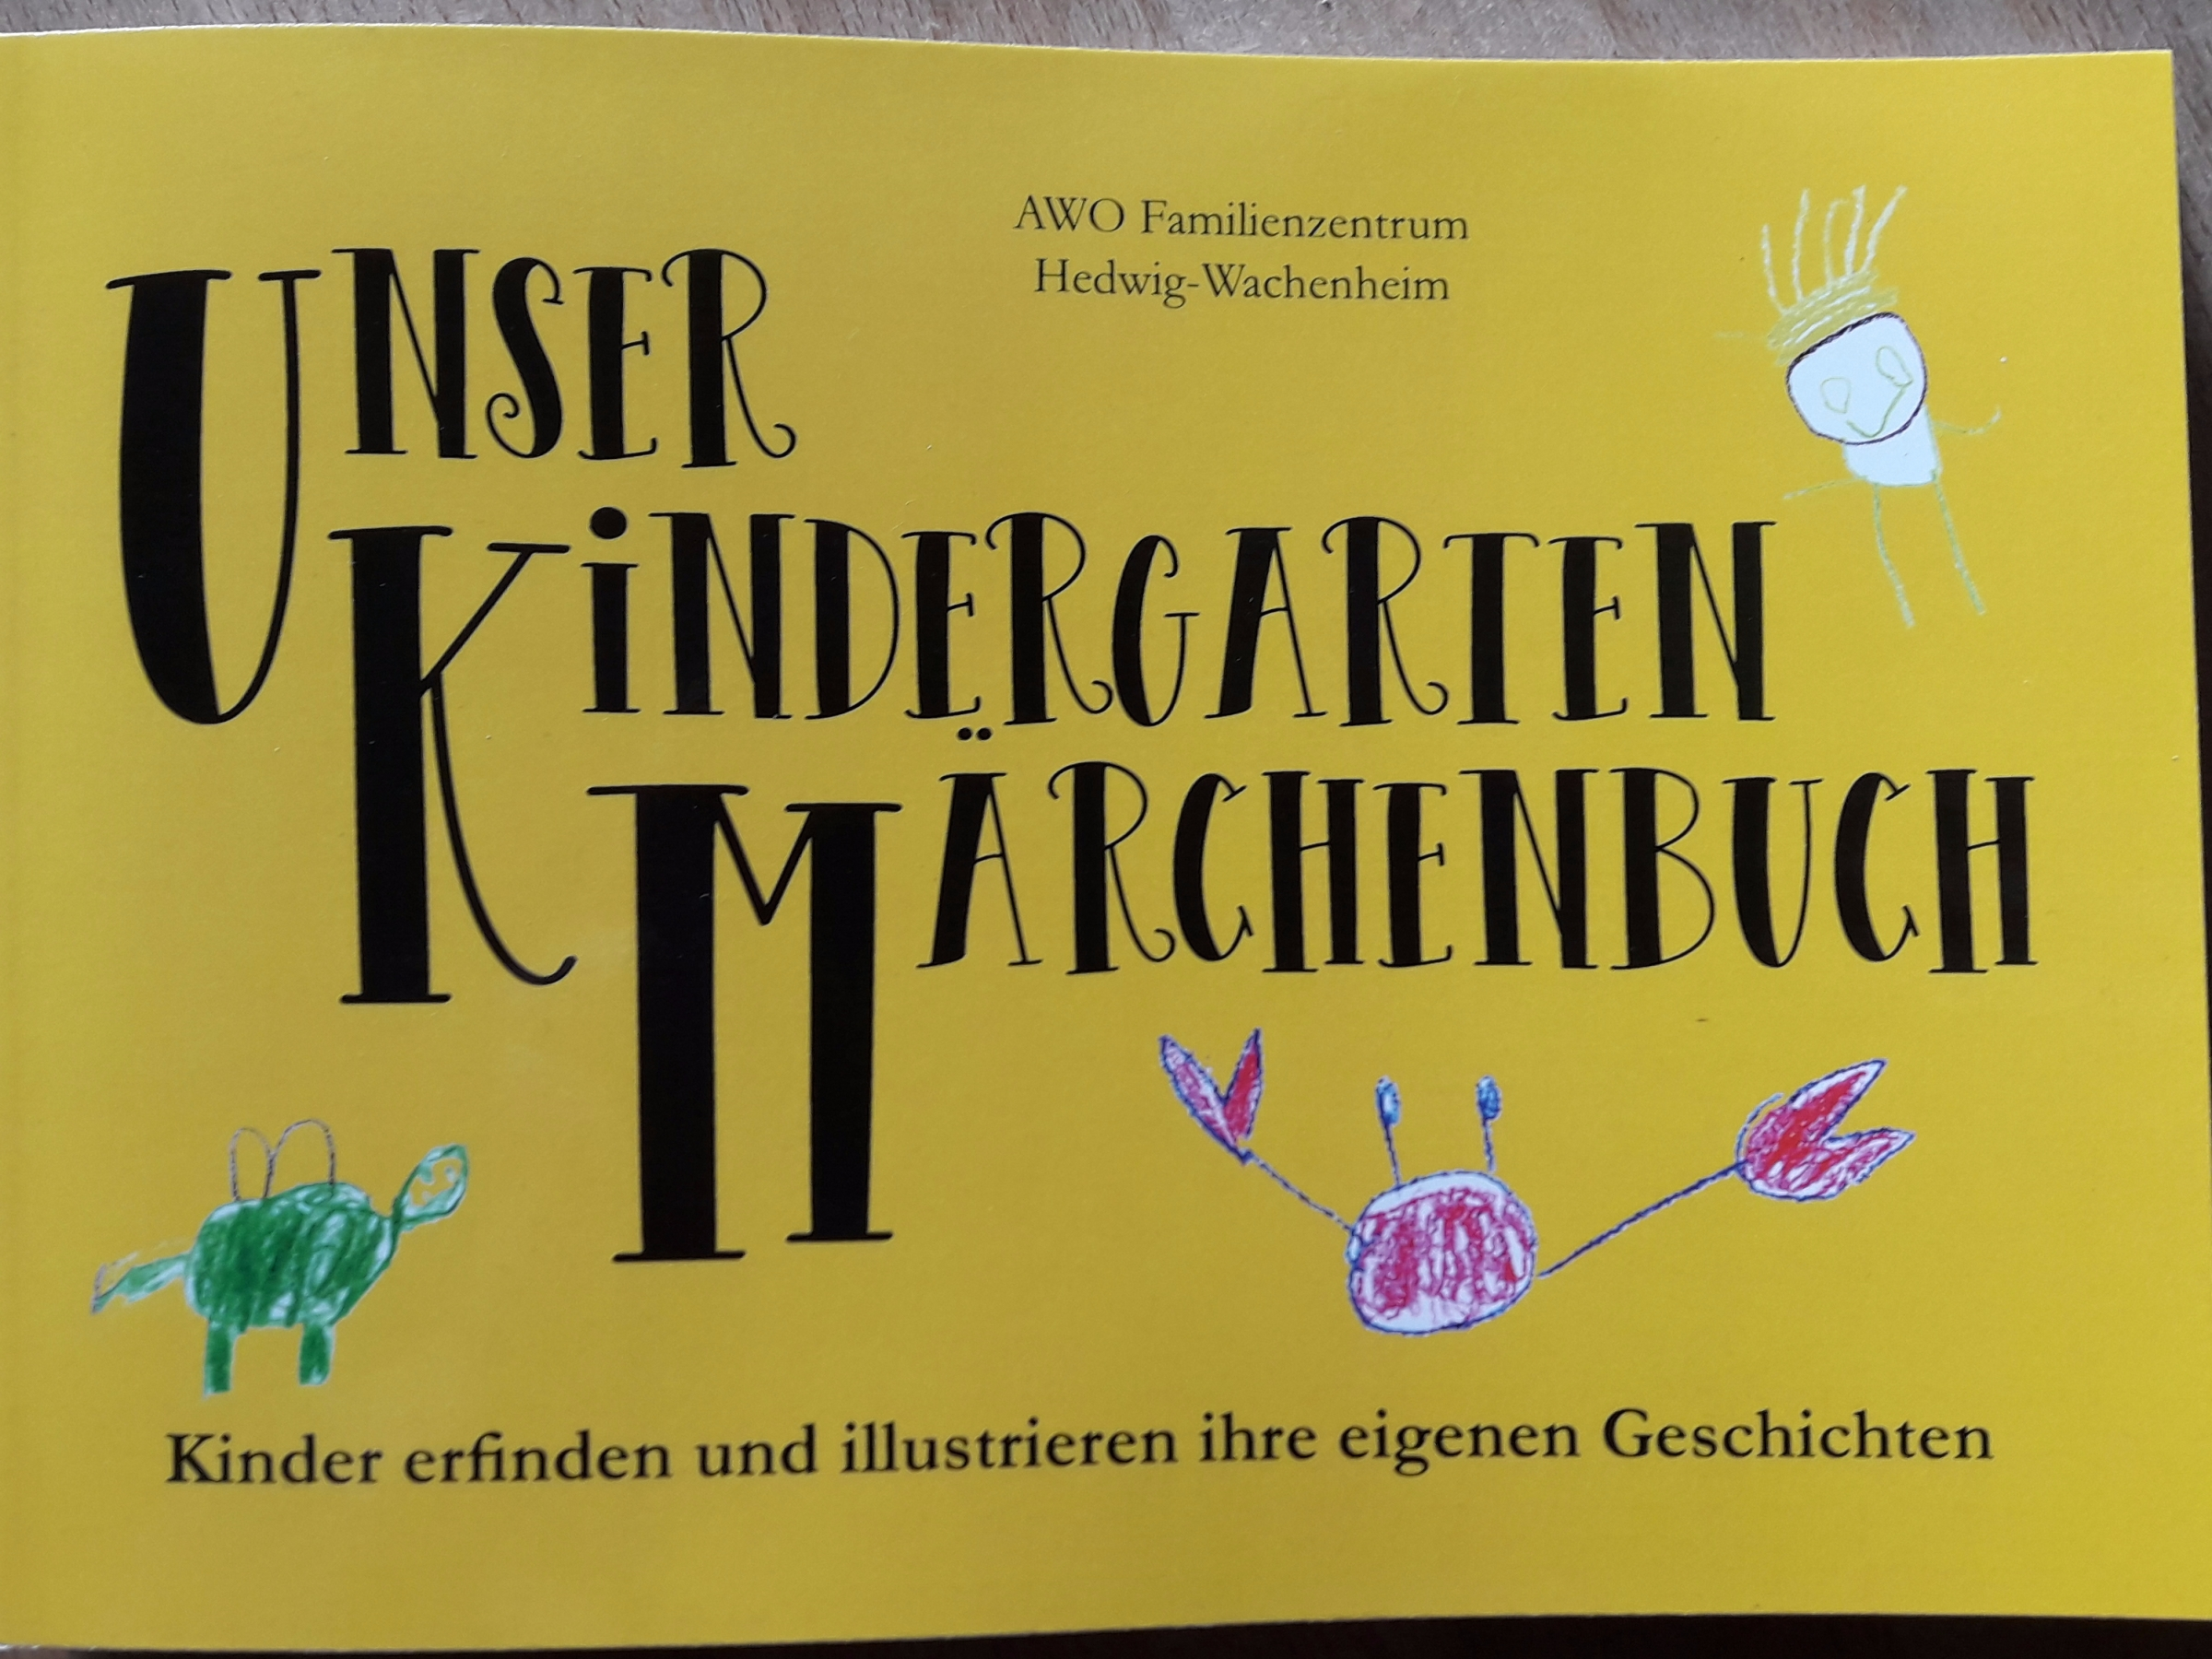 Kindergarten Märchenbuch